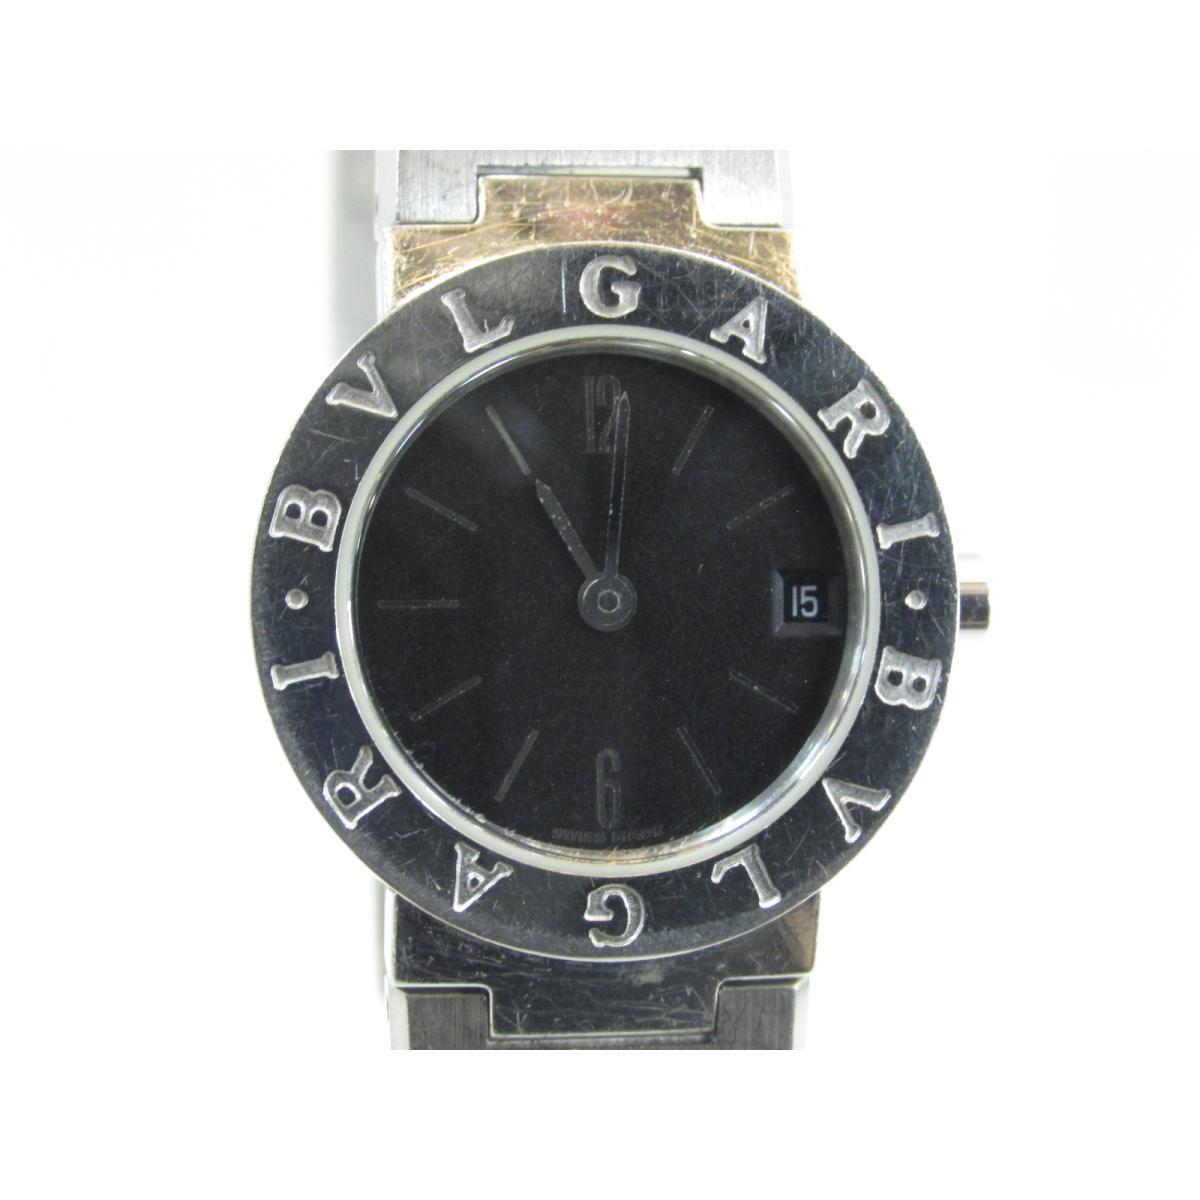 【中古】 ブルガリ ブルガリ ブルガリ 腕時計 レディース ステンレススチール (SS) (BB23SS)   BVLGARI クオーツ 時計 ブルガリ ブルガリ 美品 ブランドオフ